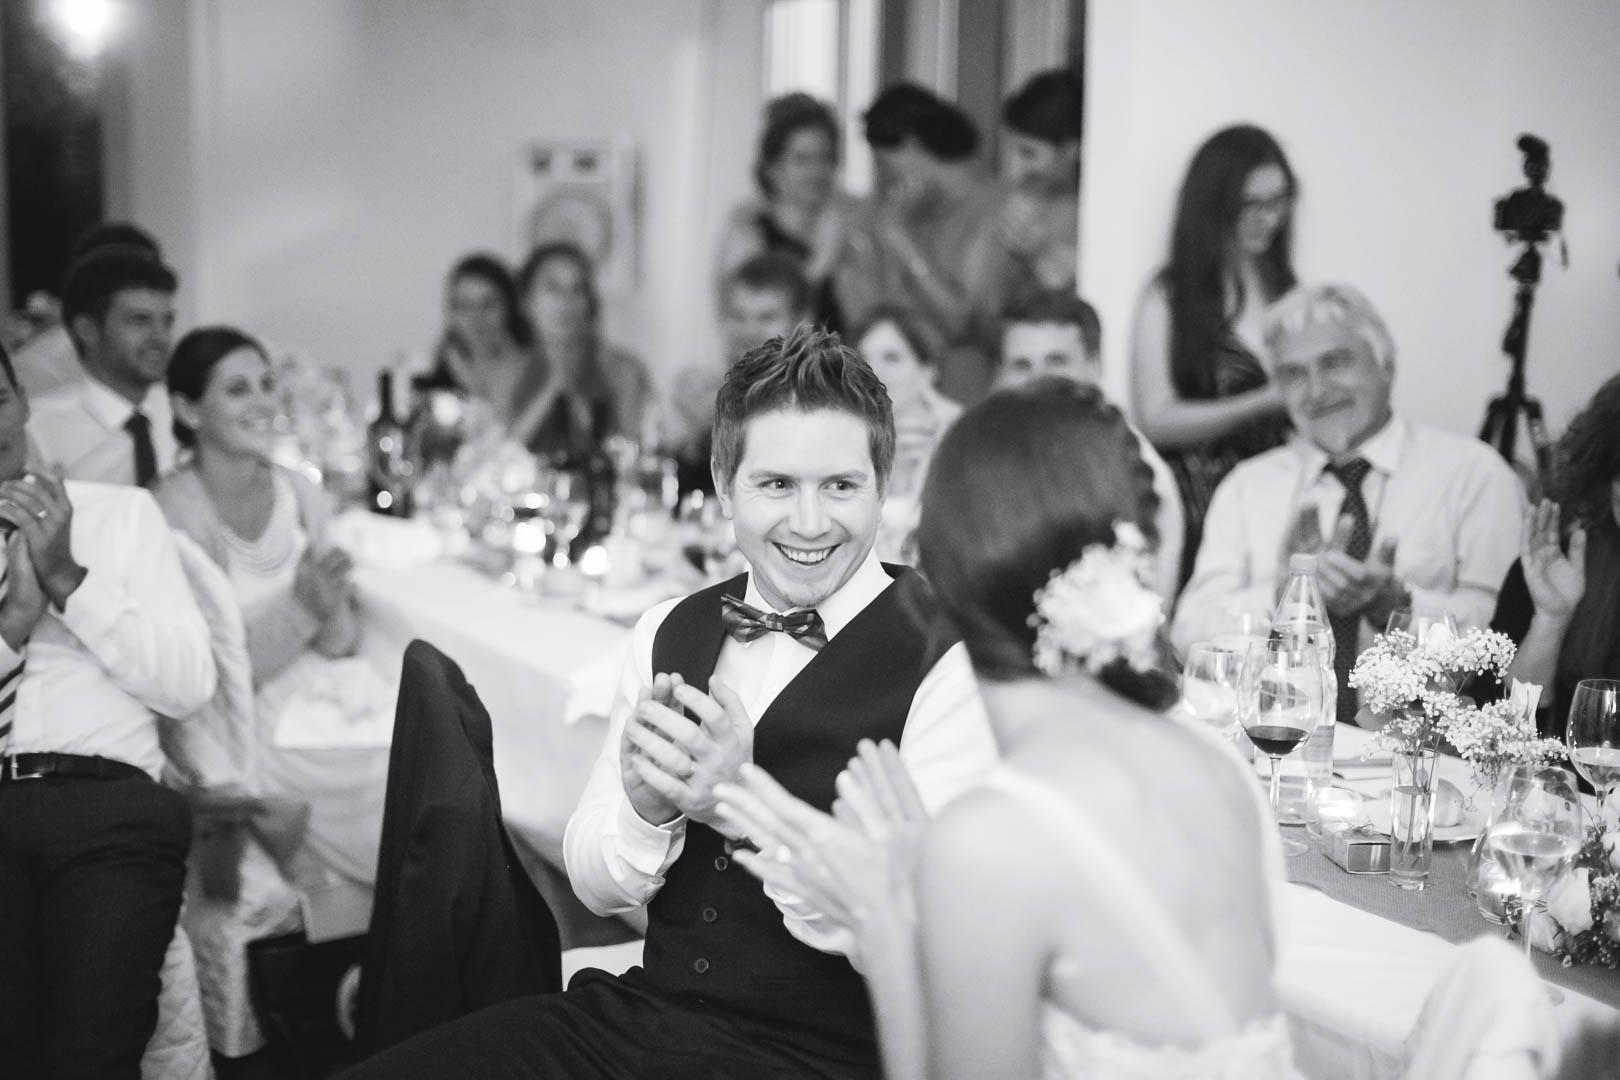 Hochzeitsfeier Abend The Wedding Day